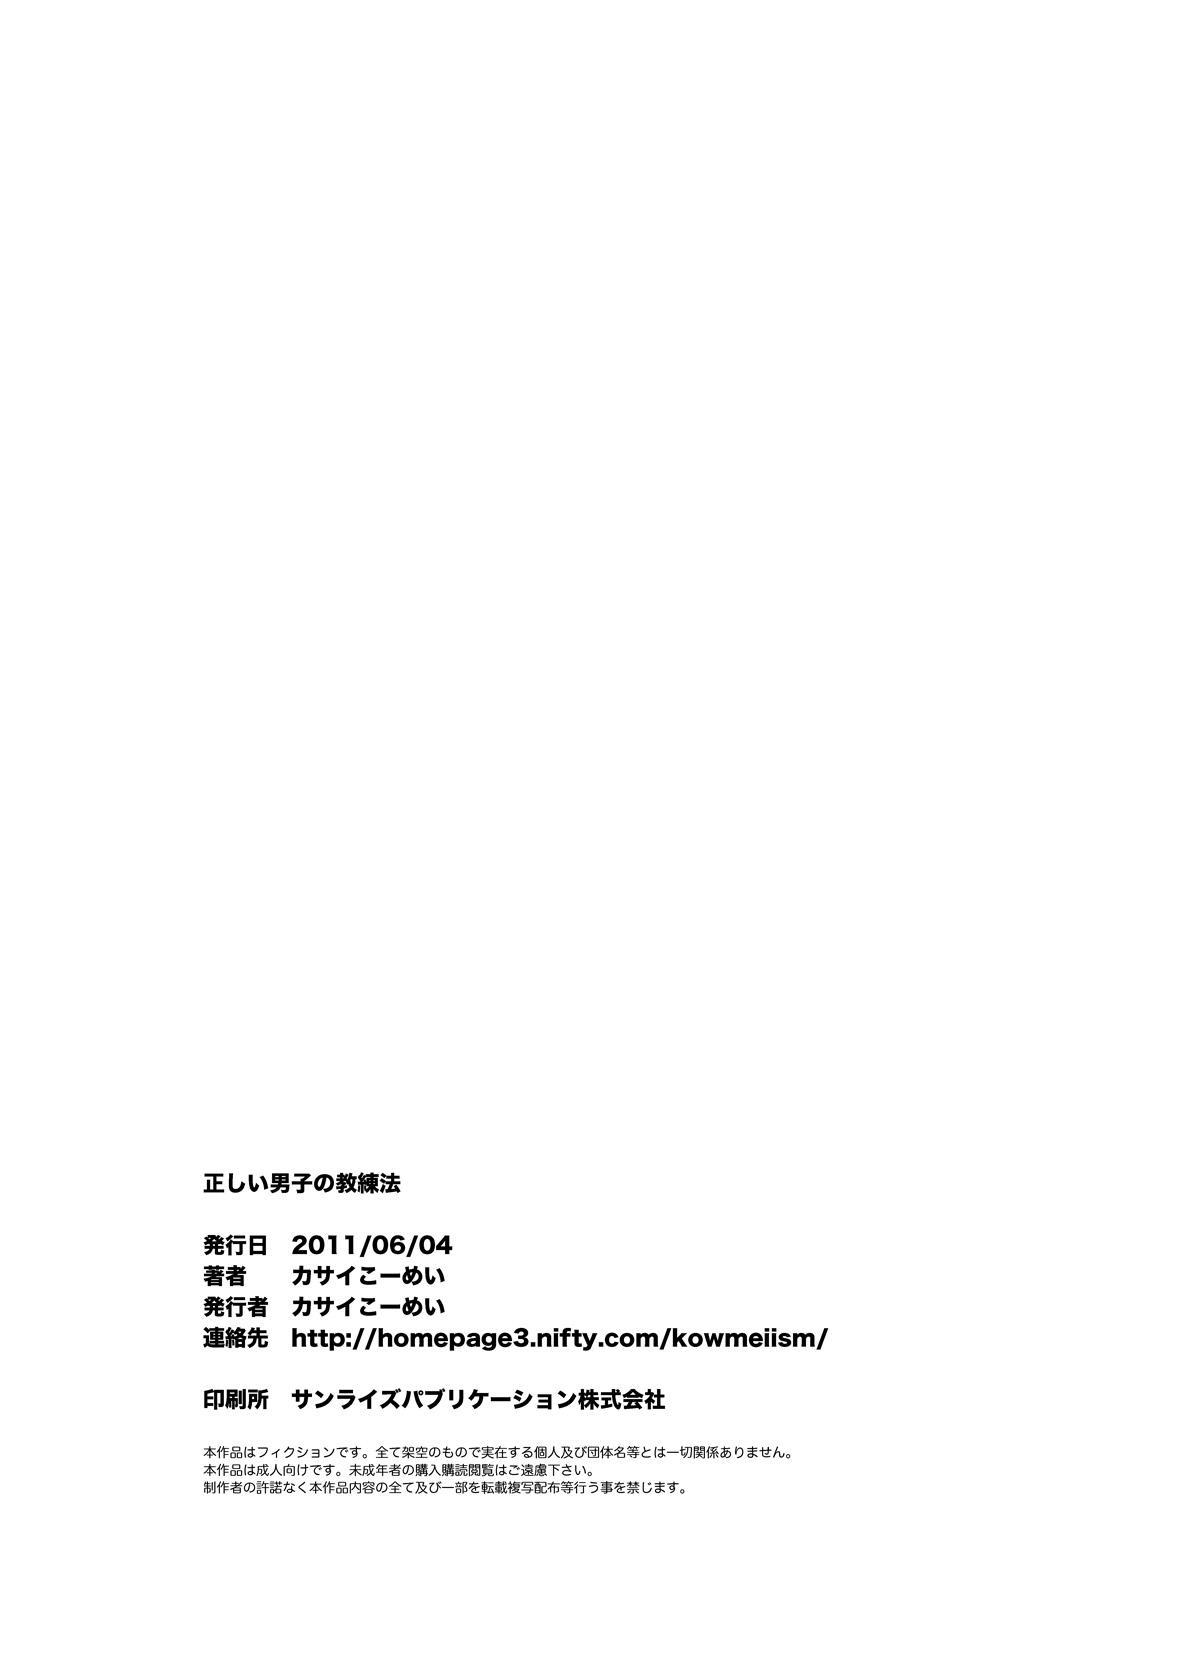 Tadashii Danshi no Kyouren Hou 30